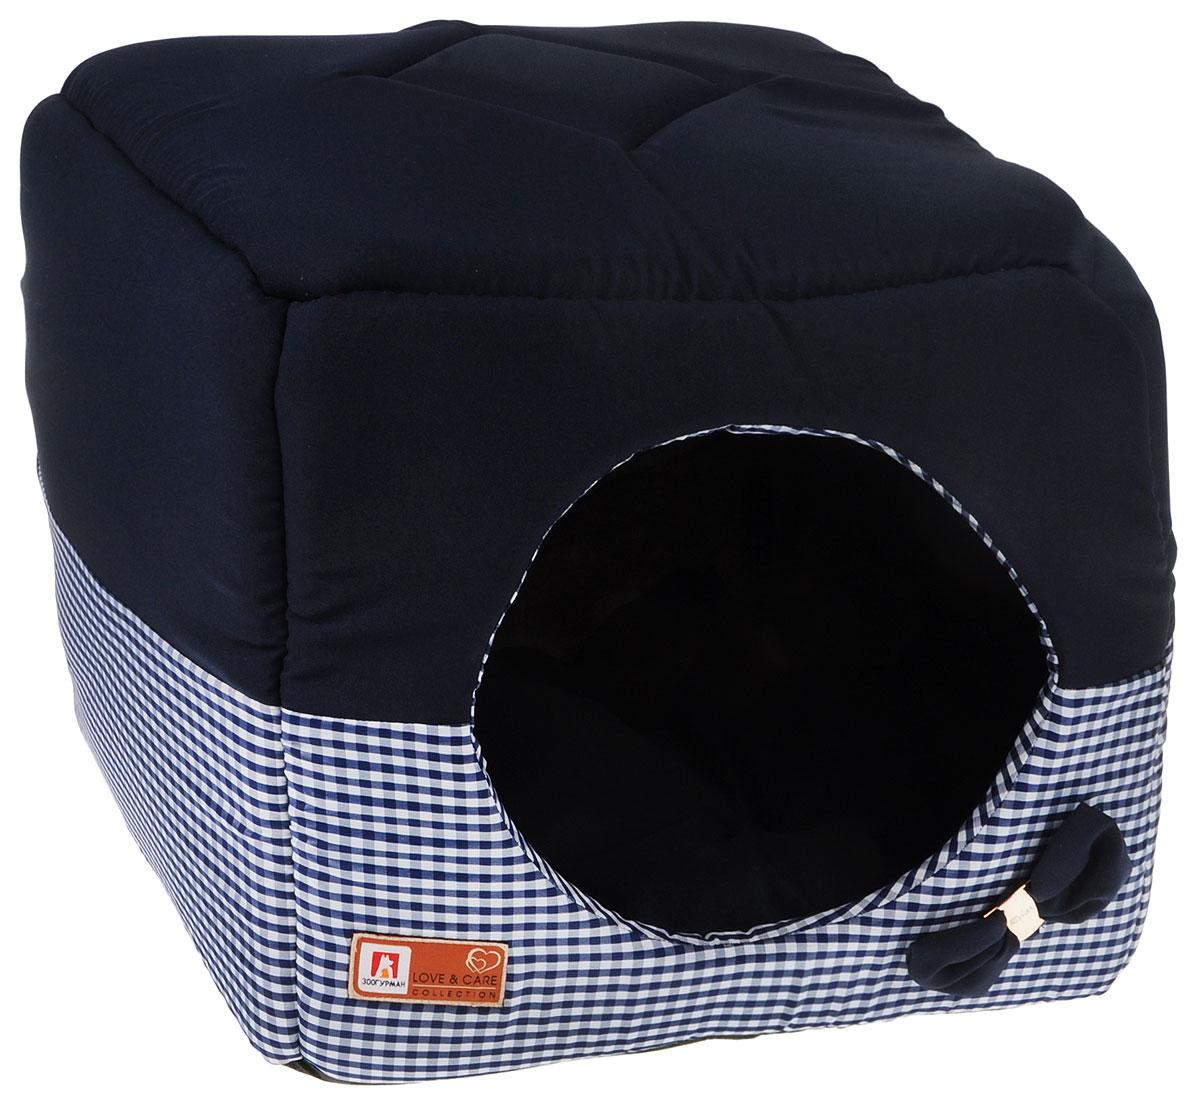 Лежак для собак и кошек Зоогурман Домосед, цвет: синий, 45 х 45 х 45 см зоогурман консервы для собак зоогурман спецмяс деликатес желудочки куриные 250 г